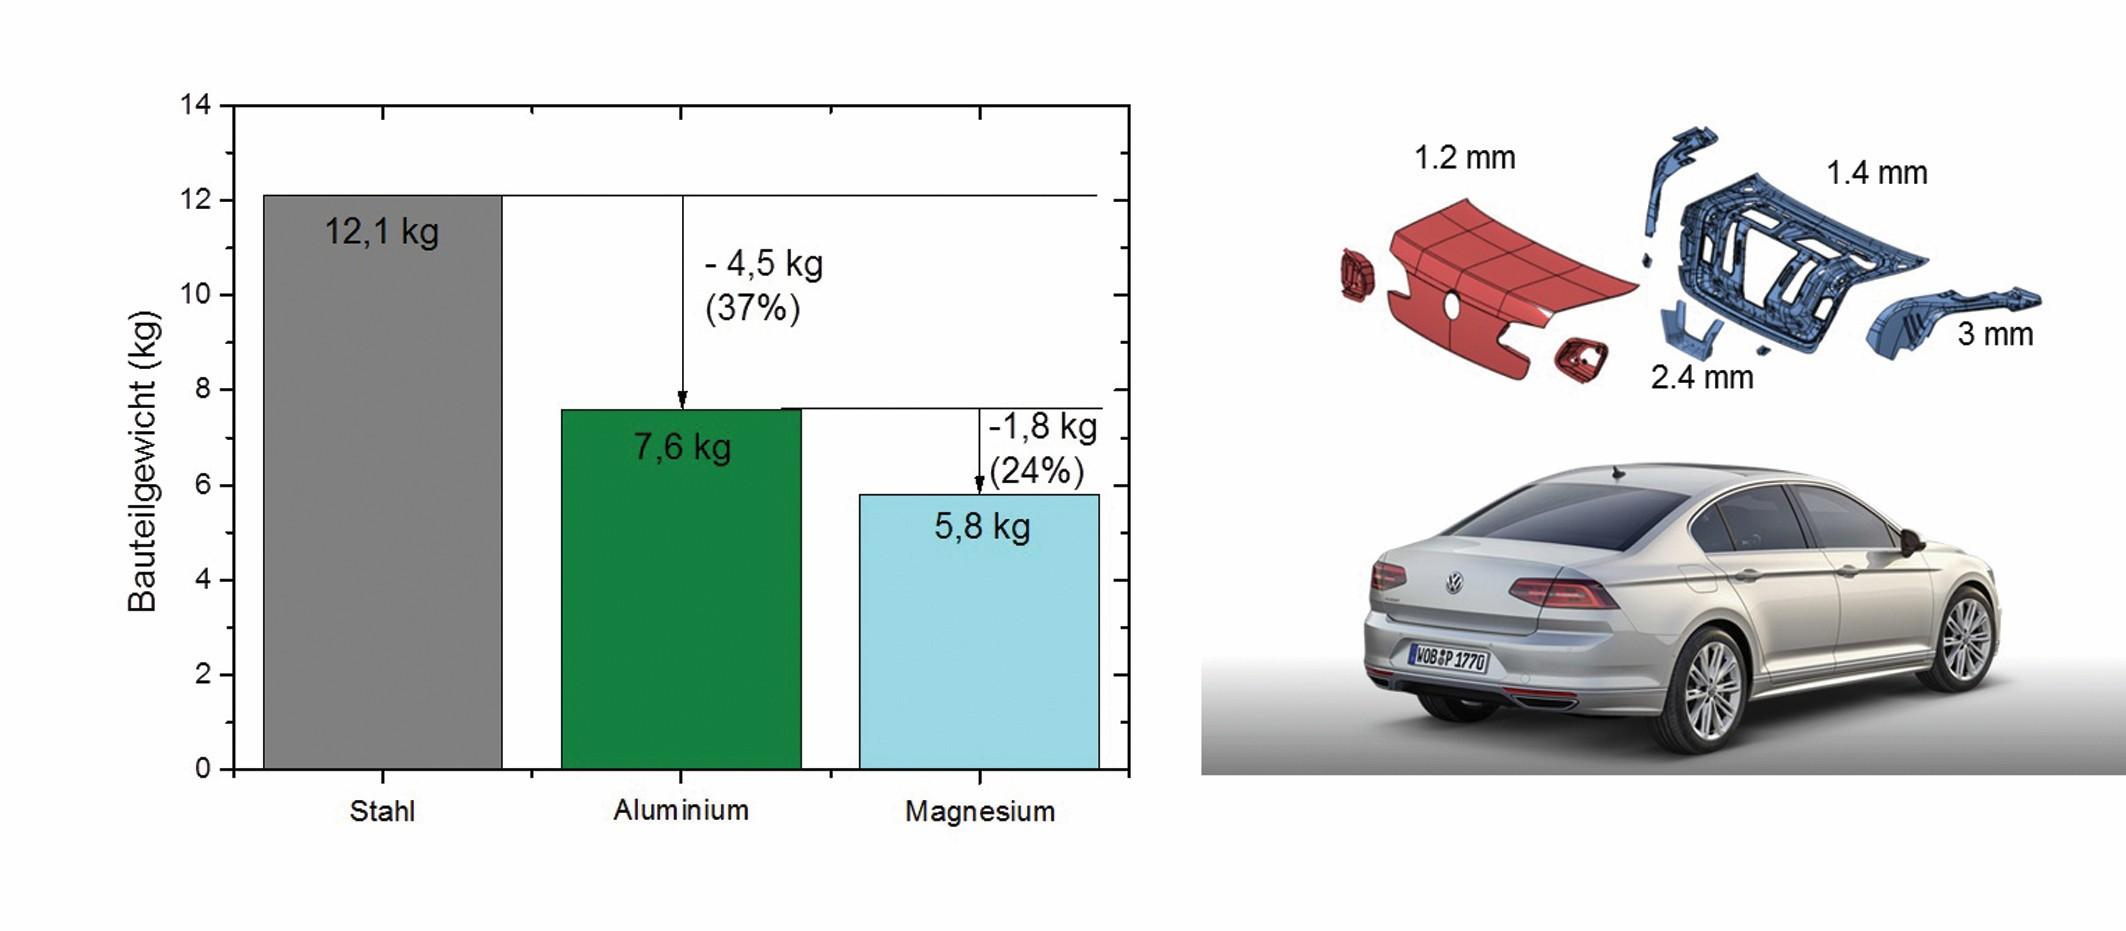 Bild 4: Vergleich der Gewichte einer Heckklappe des Passat B8 durch Materialsubstitution. Eine Konstruktion aus Magnesium-Blech mit den rechts dargestellten Blechdicken liefert eine Gewichtsersparnis von 6,3 kg (52 %) im Vergleich zur Stahl-Serie. Bild: Volkswagen AG